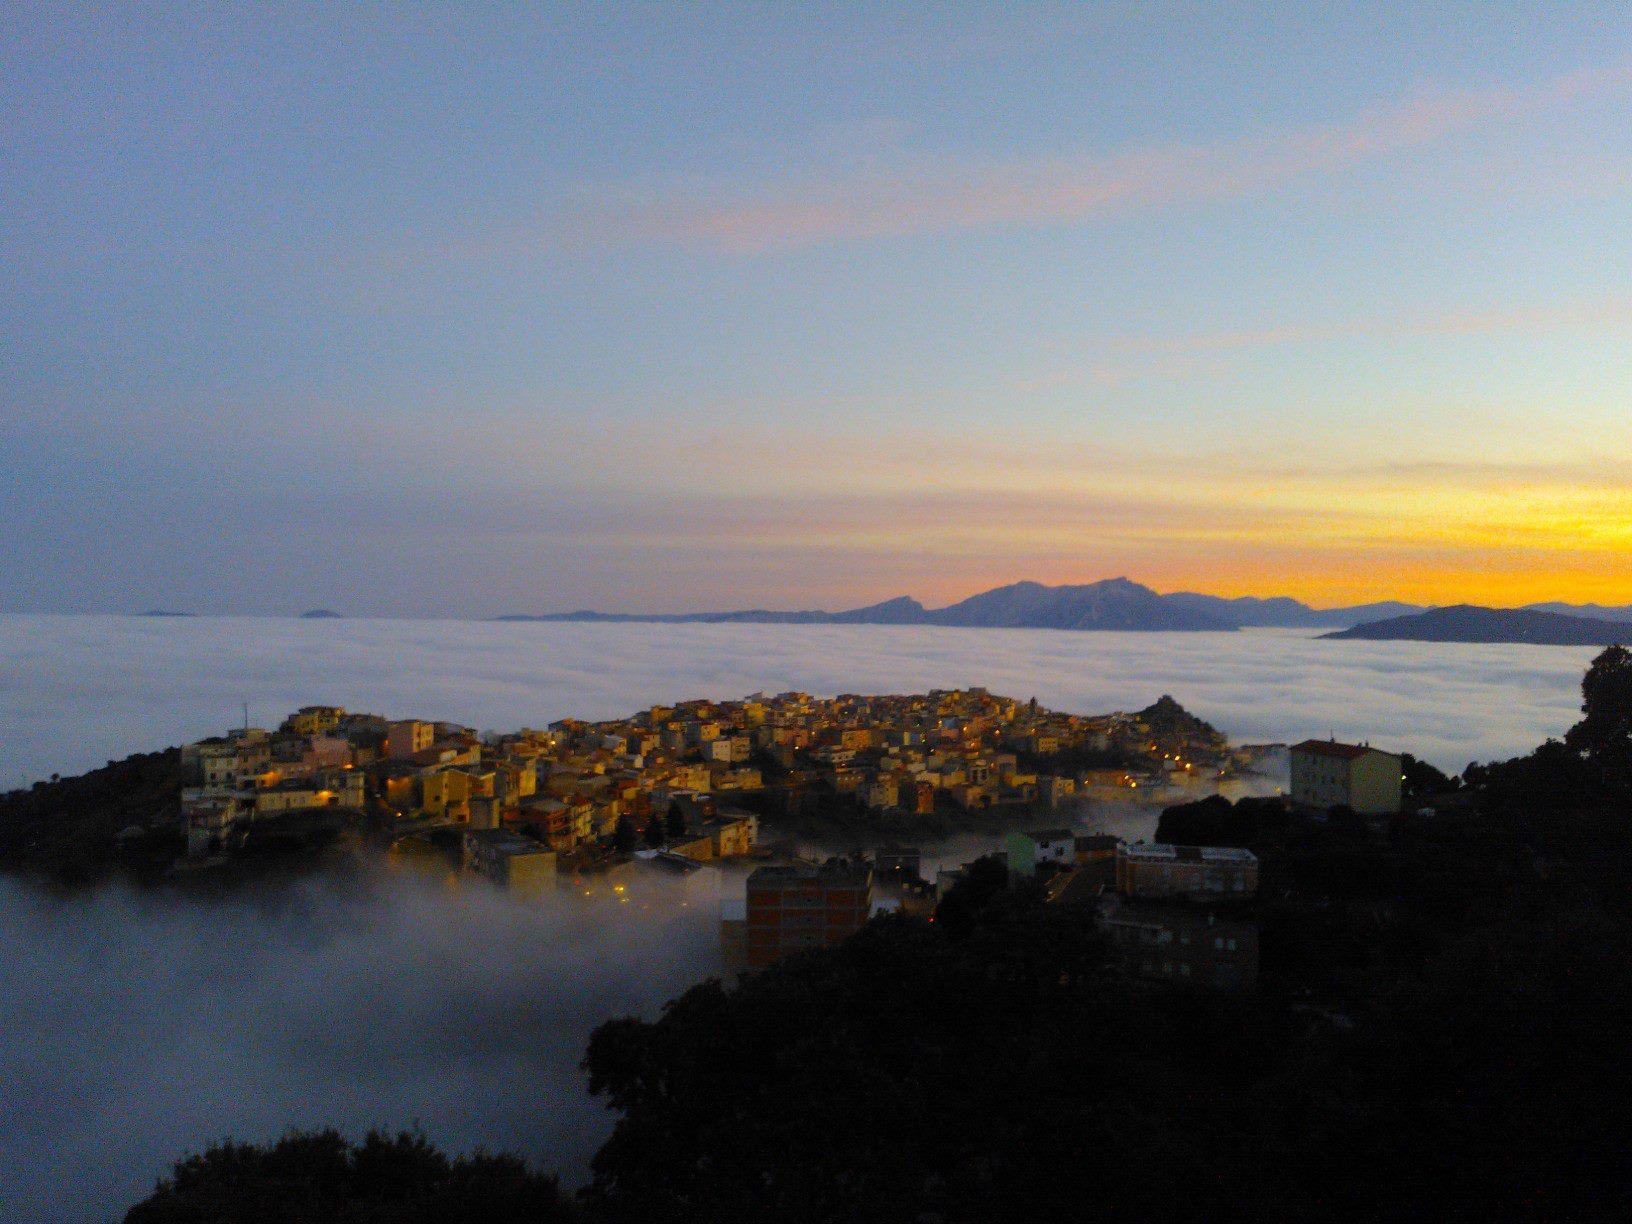 Orune, il paese immerso nella nebbia - Foto di Francesco Goddi, Fonte www.terredisardegna.it